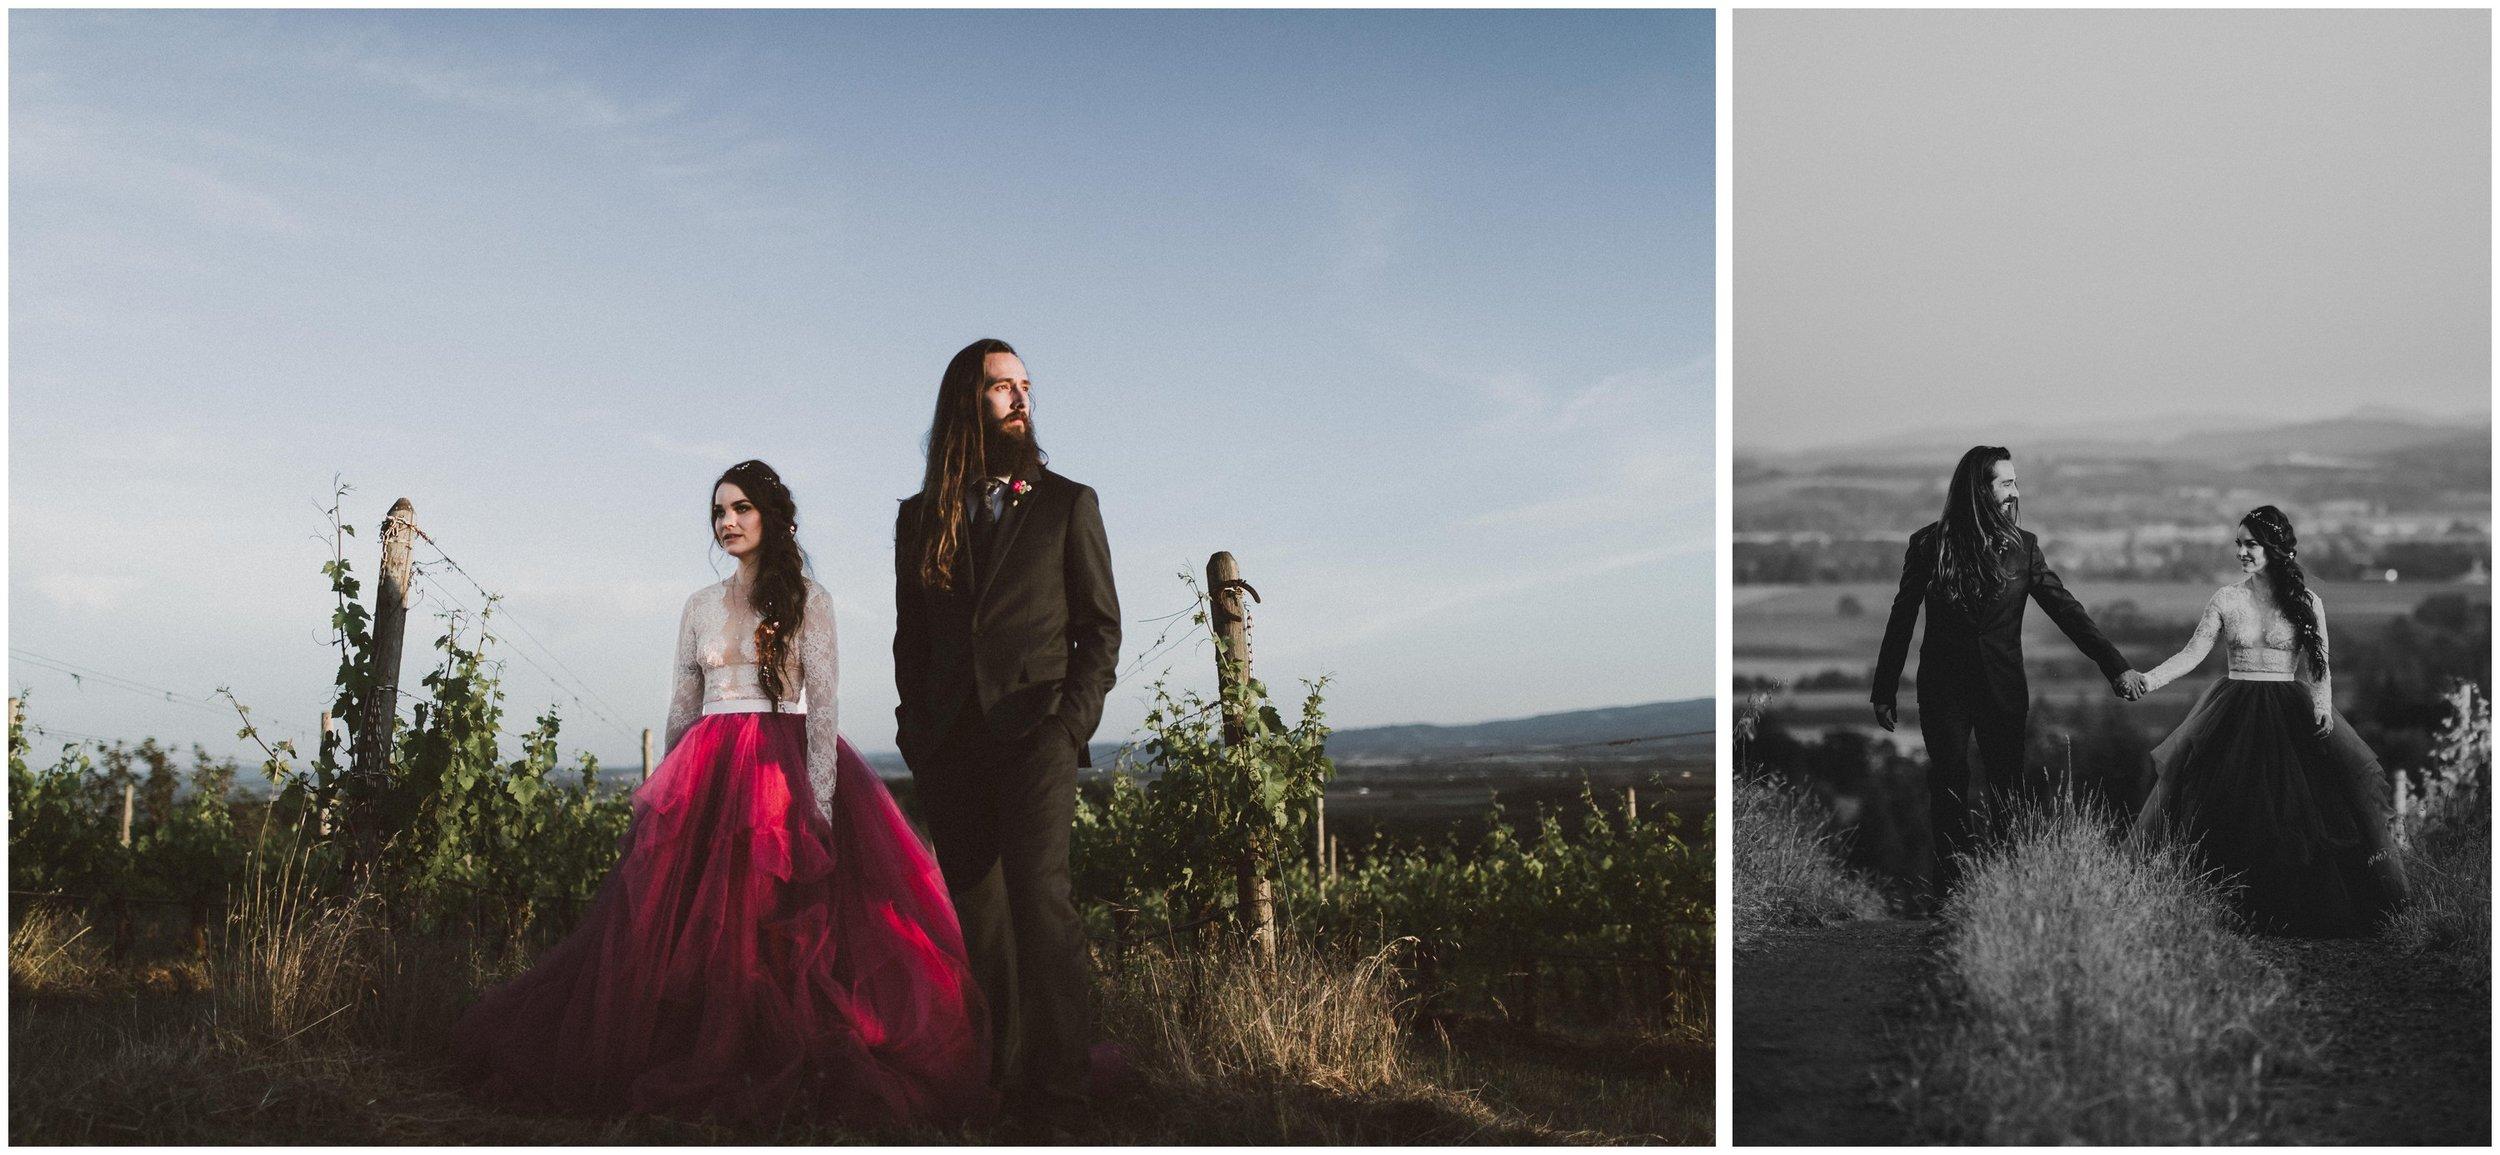 TONY-GAMBINO-PHOTOGRAPHY-BEND-OREGON-WEDDING-SHOOT-000_1539.jpg